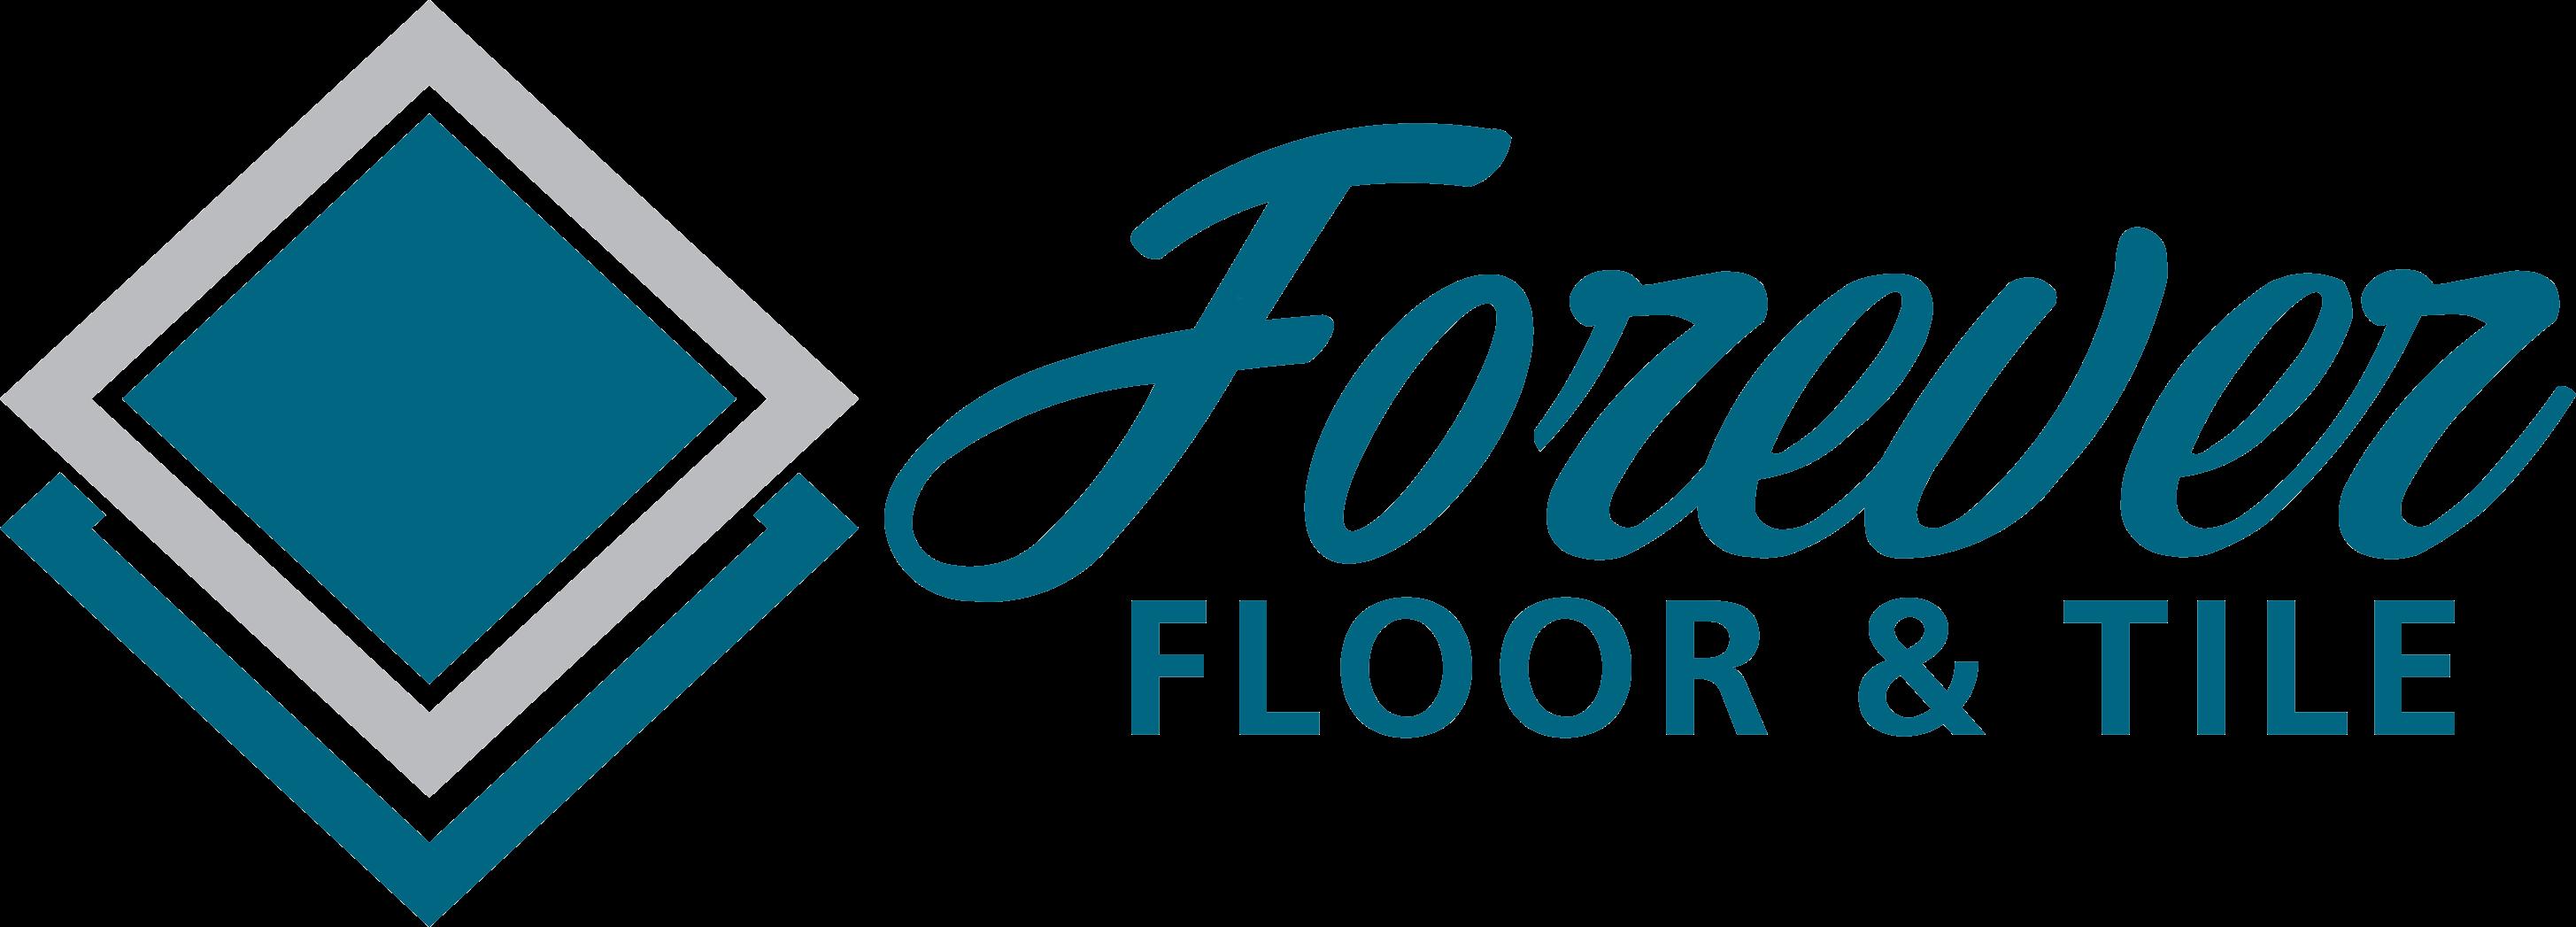 Forever Floor & Tile